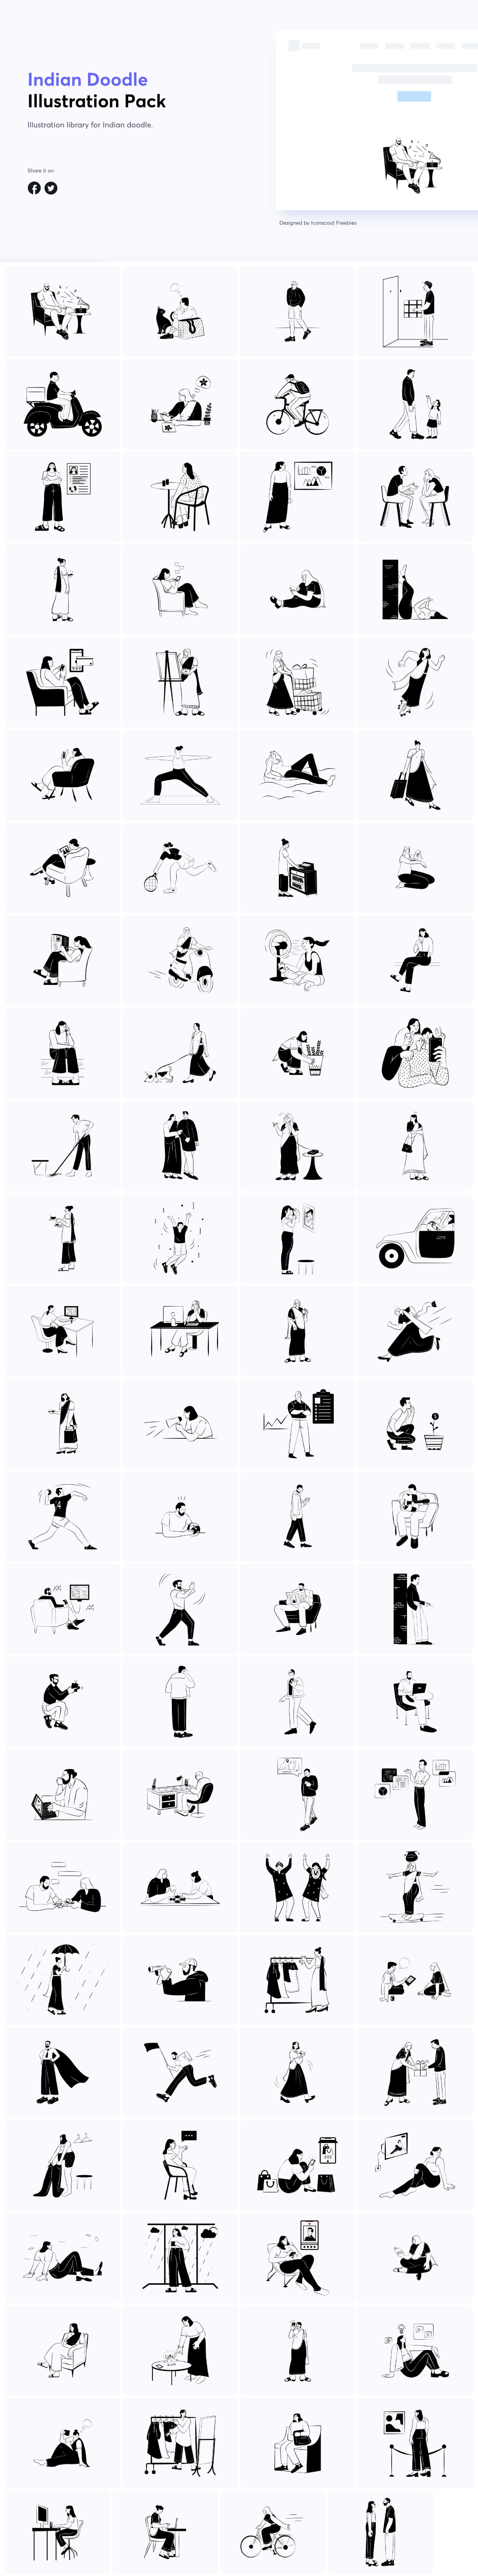 Download Indian Doodle Illustration pack - UIBundle